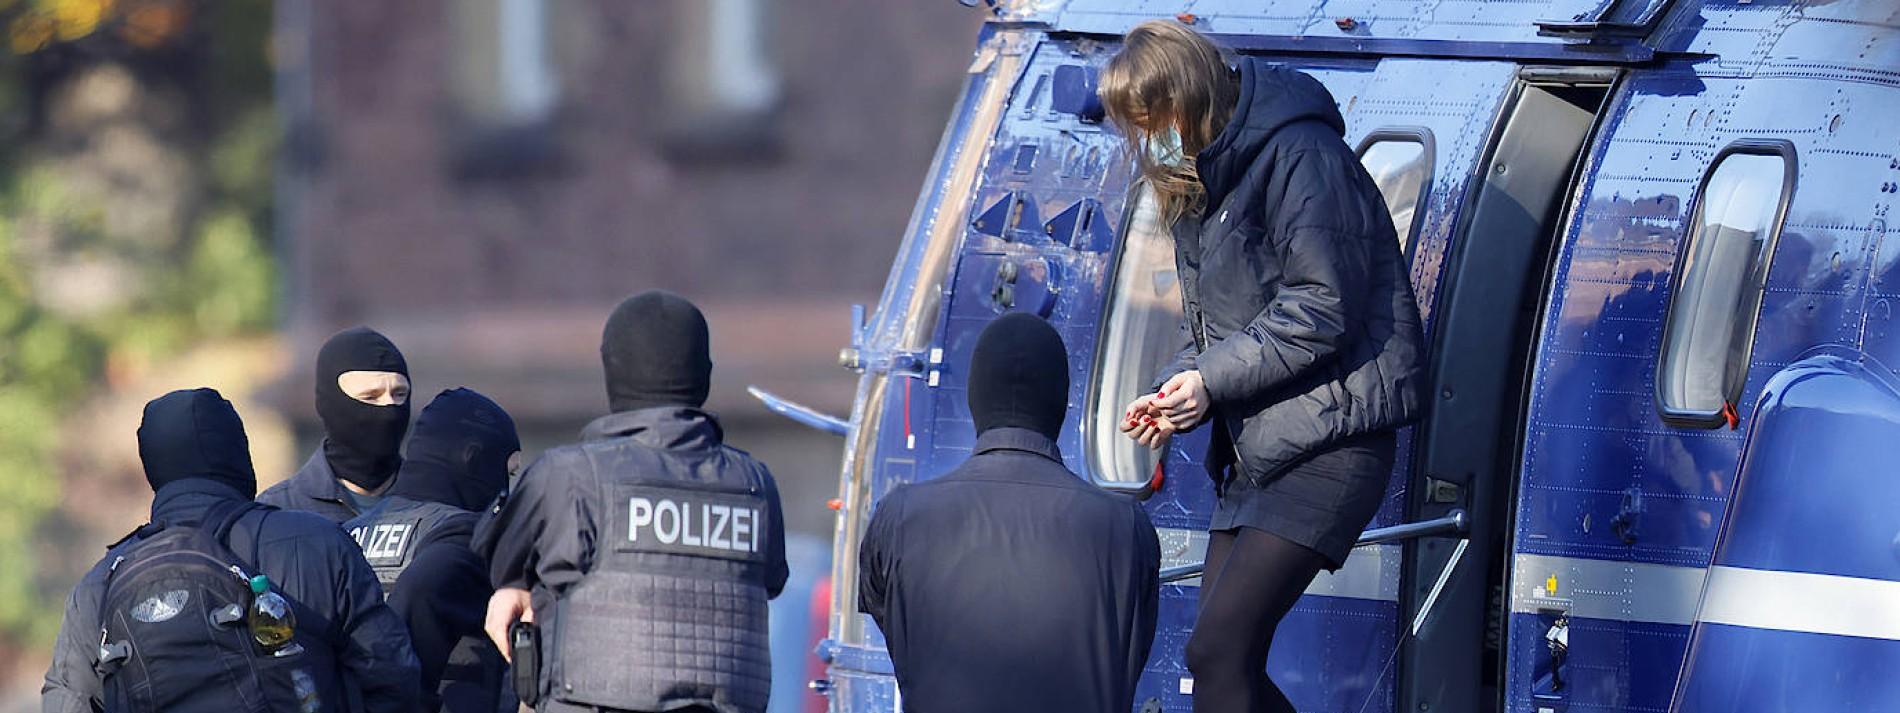 25 Jahre alte Studentin soll linksextremistische Gruppe anführen